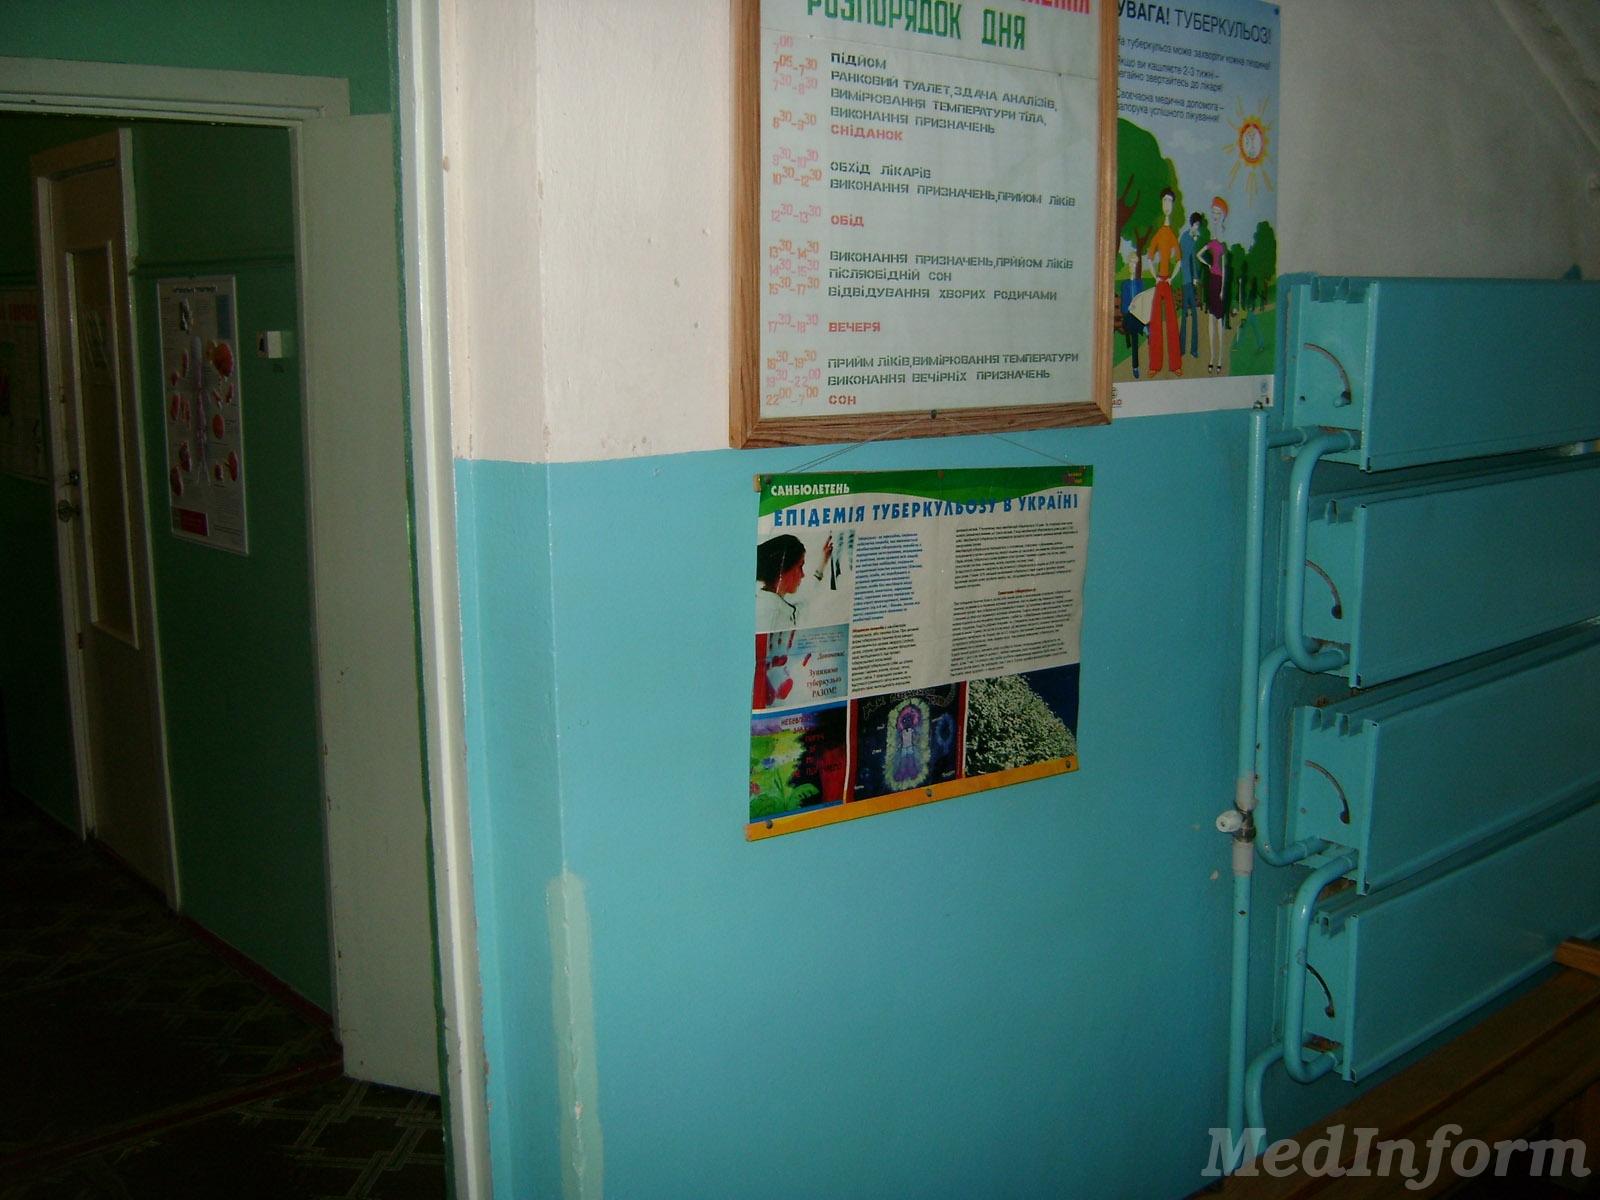 Севастопольская психиатрическая больница сайт